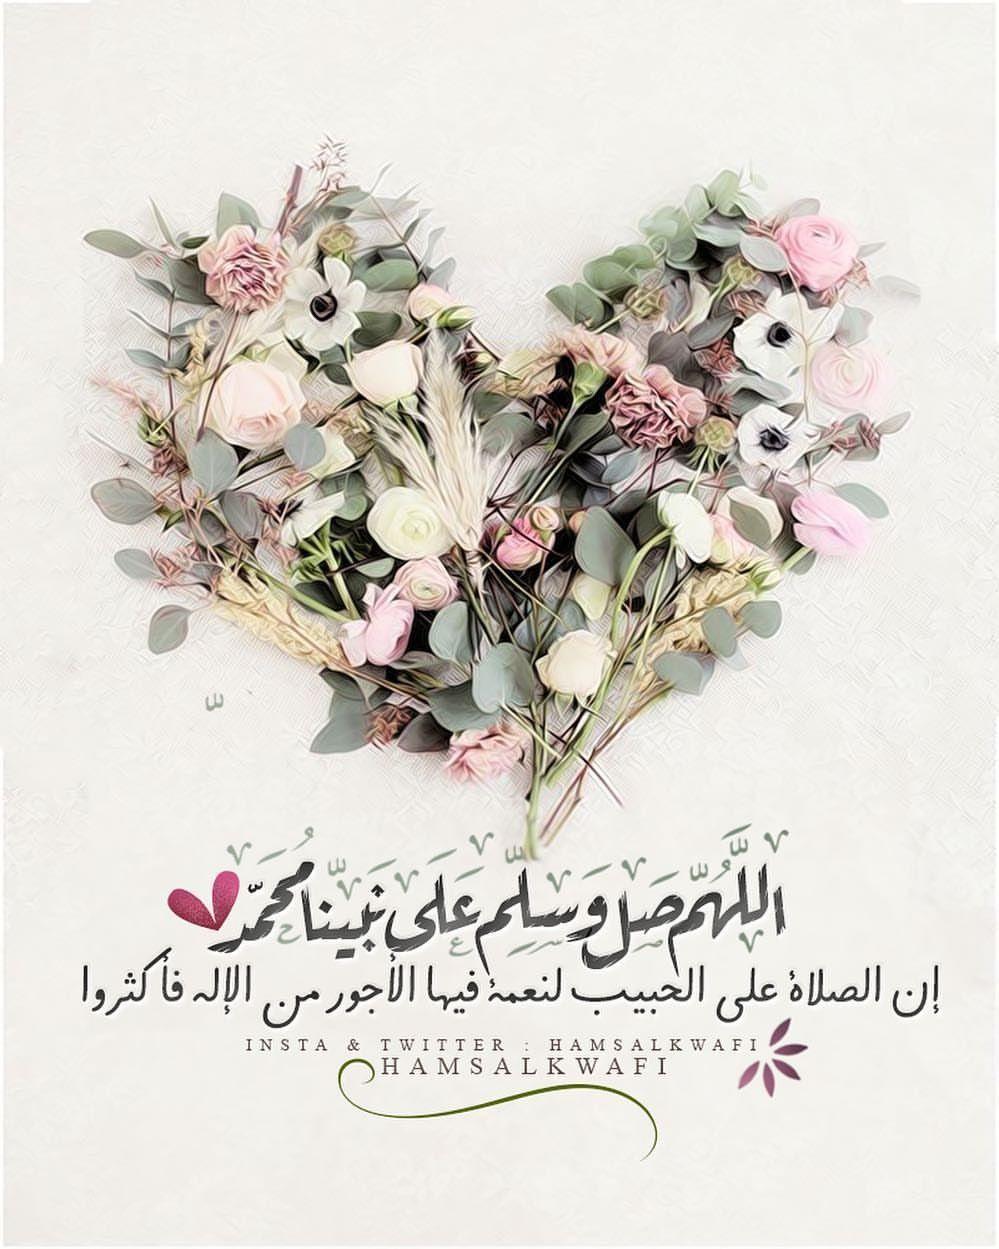 الصلاة على النبي خلفيات فيسبوك اسلامية جديدة Paroles Religieuses Hadith Le Prophete